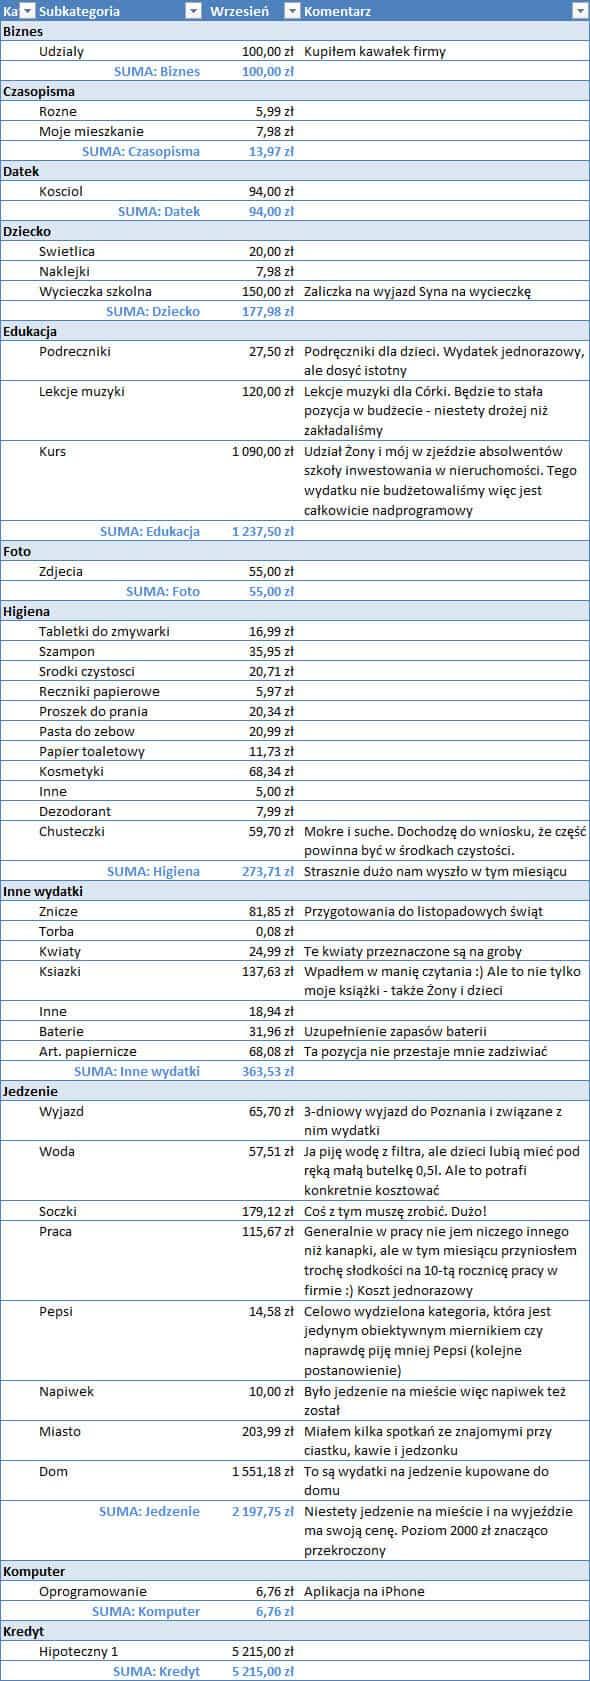 Koszty w październiku 2012 - część 1